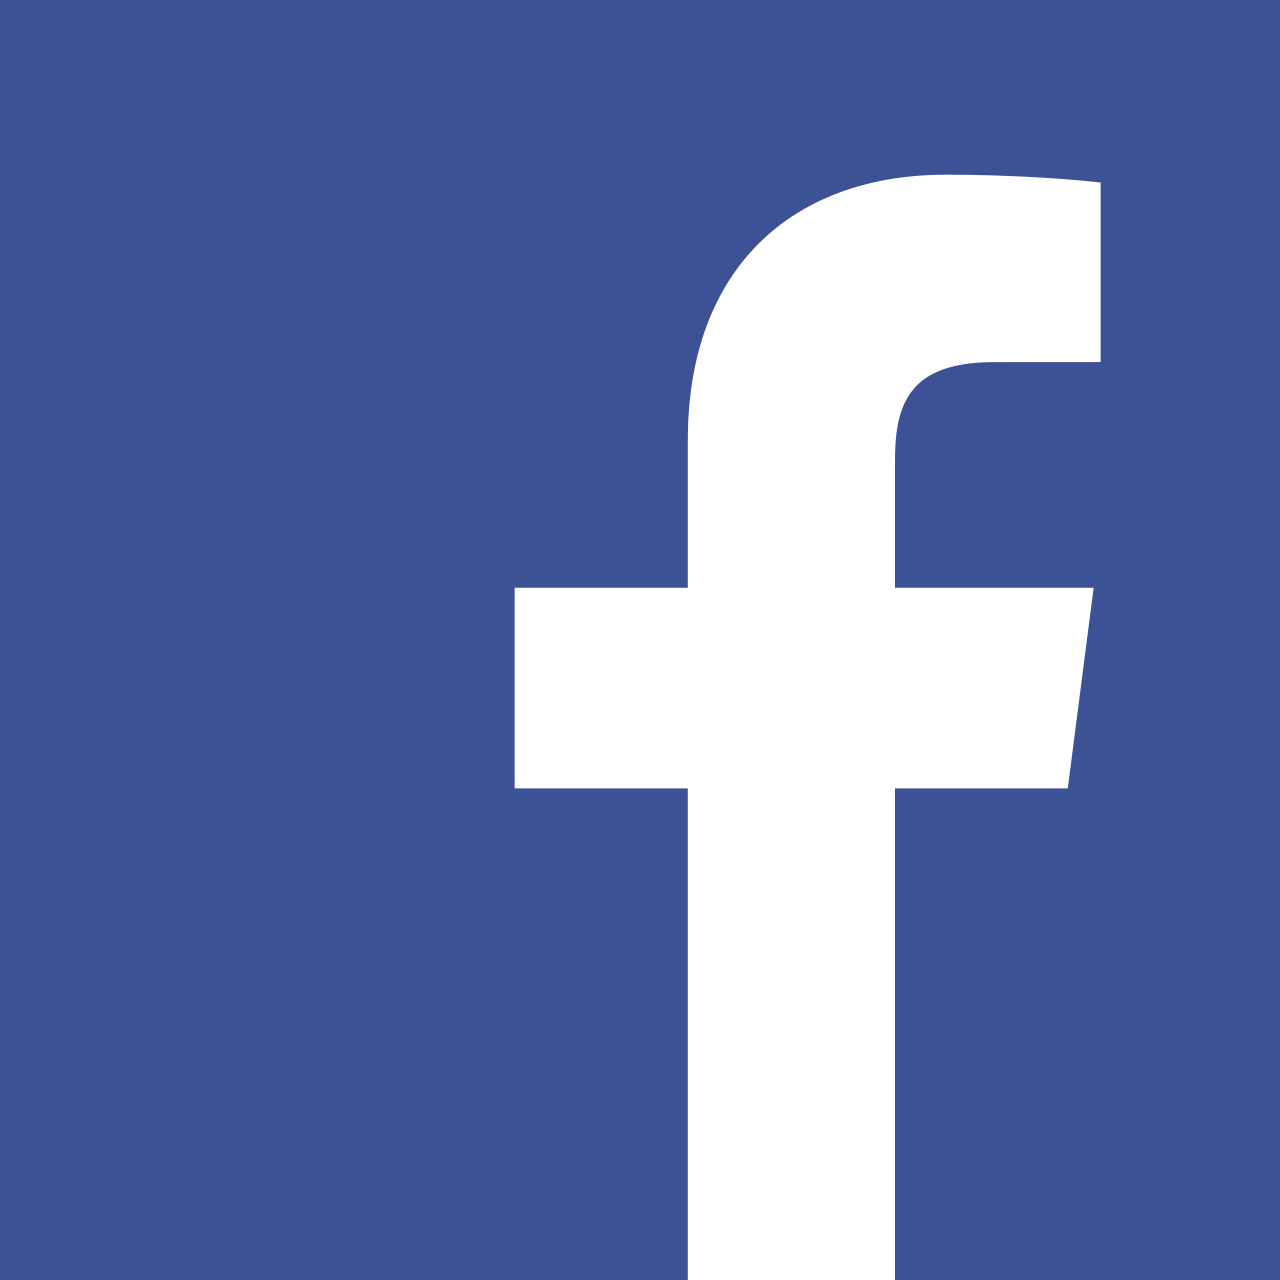 facebook-logo-1280×1280